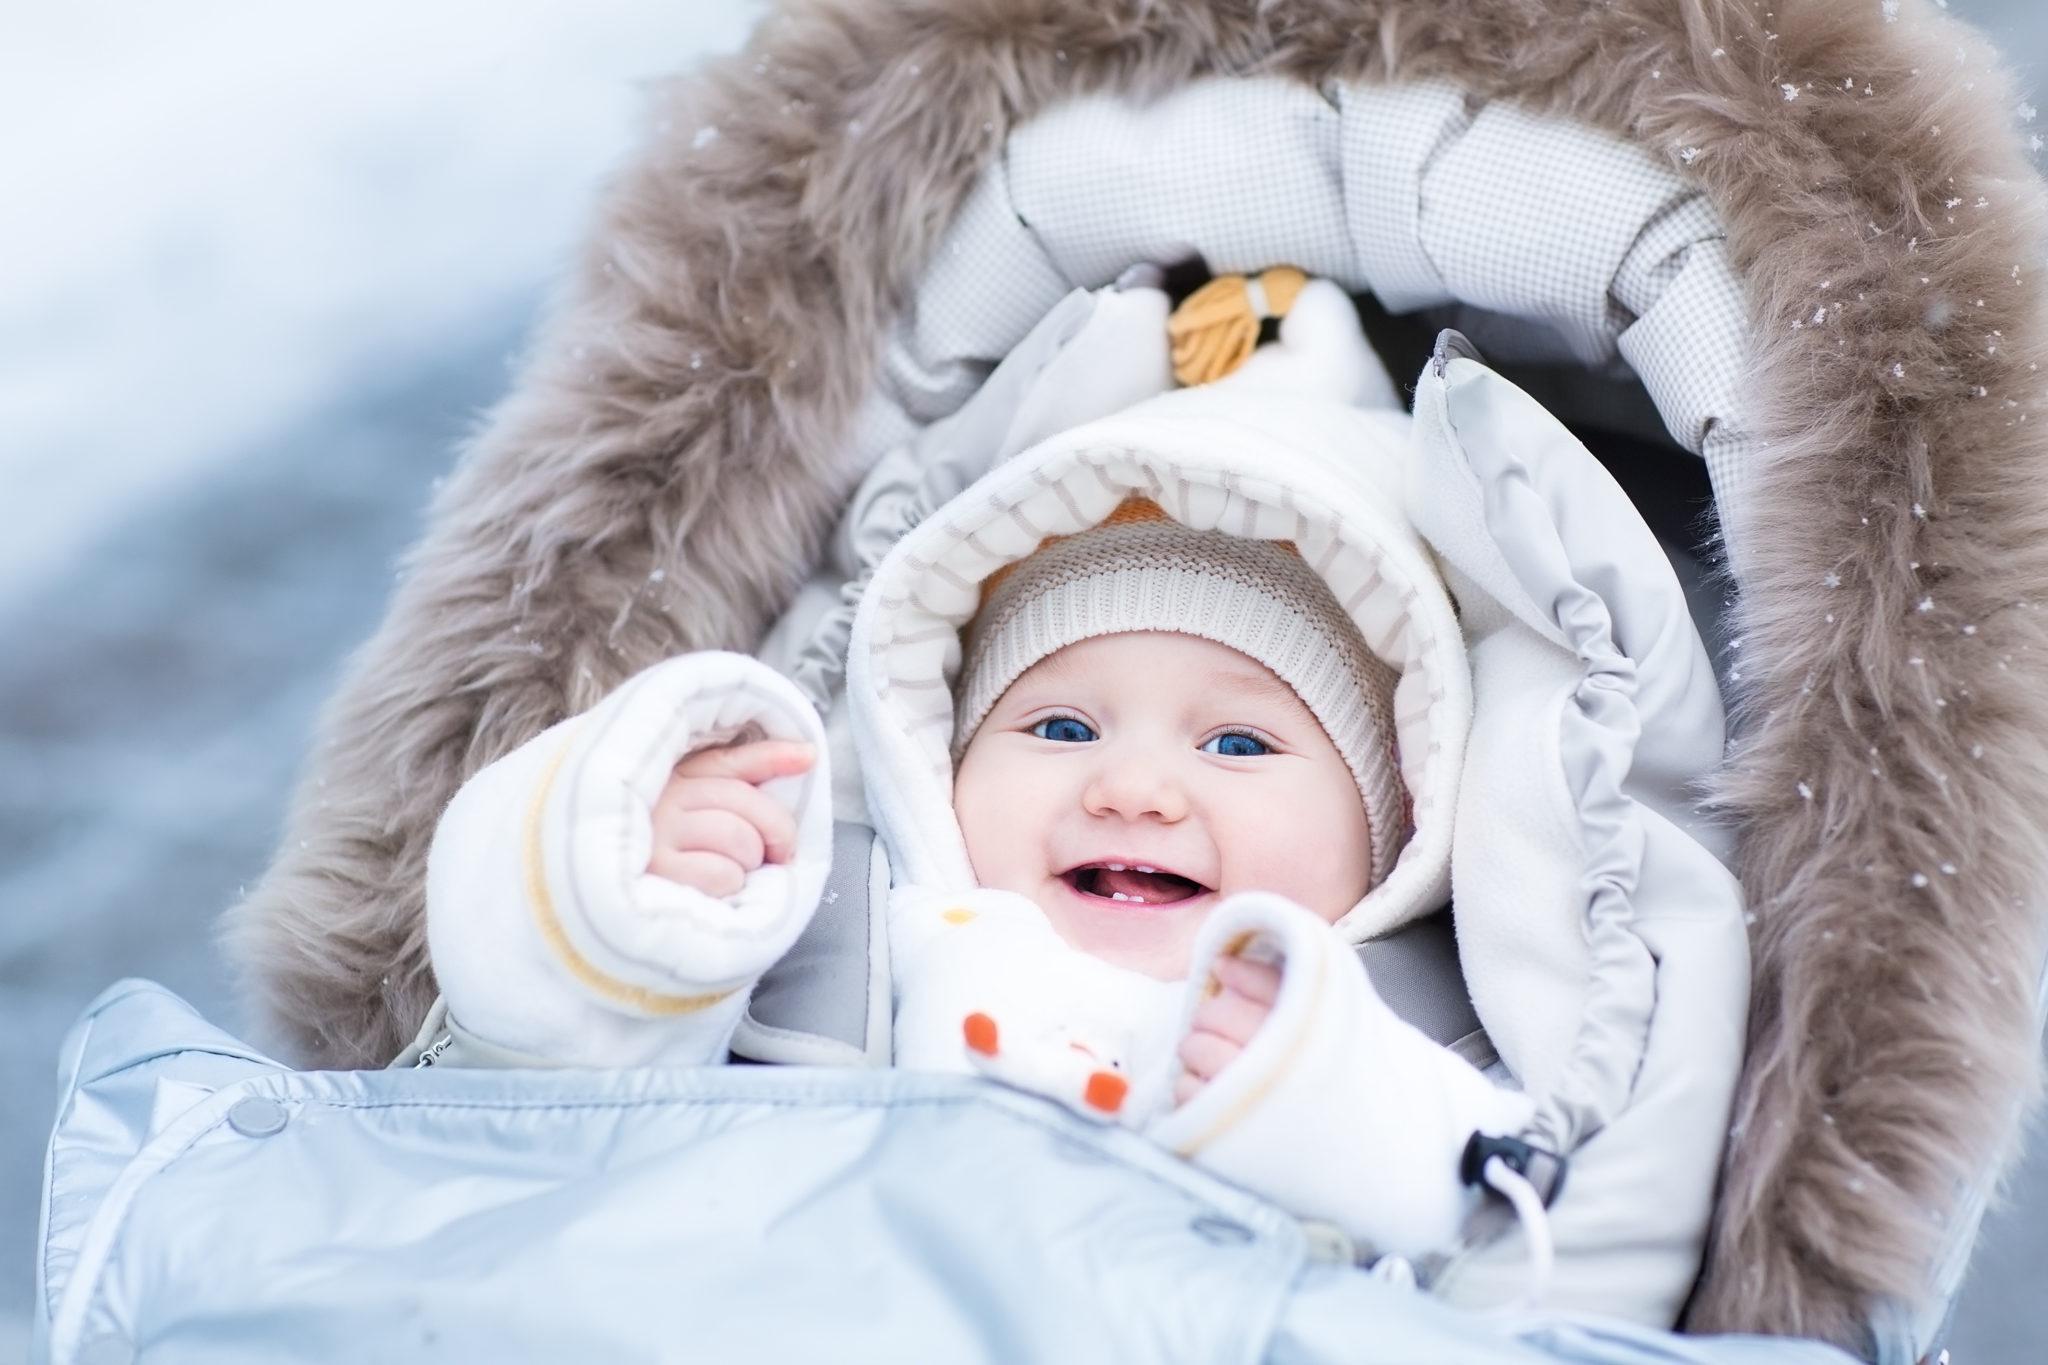 szczęśliwe niemowlę na zimowym spacerze